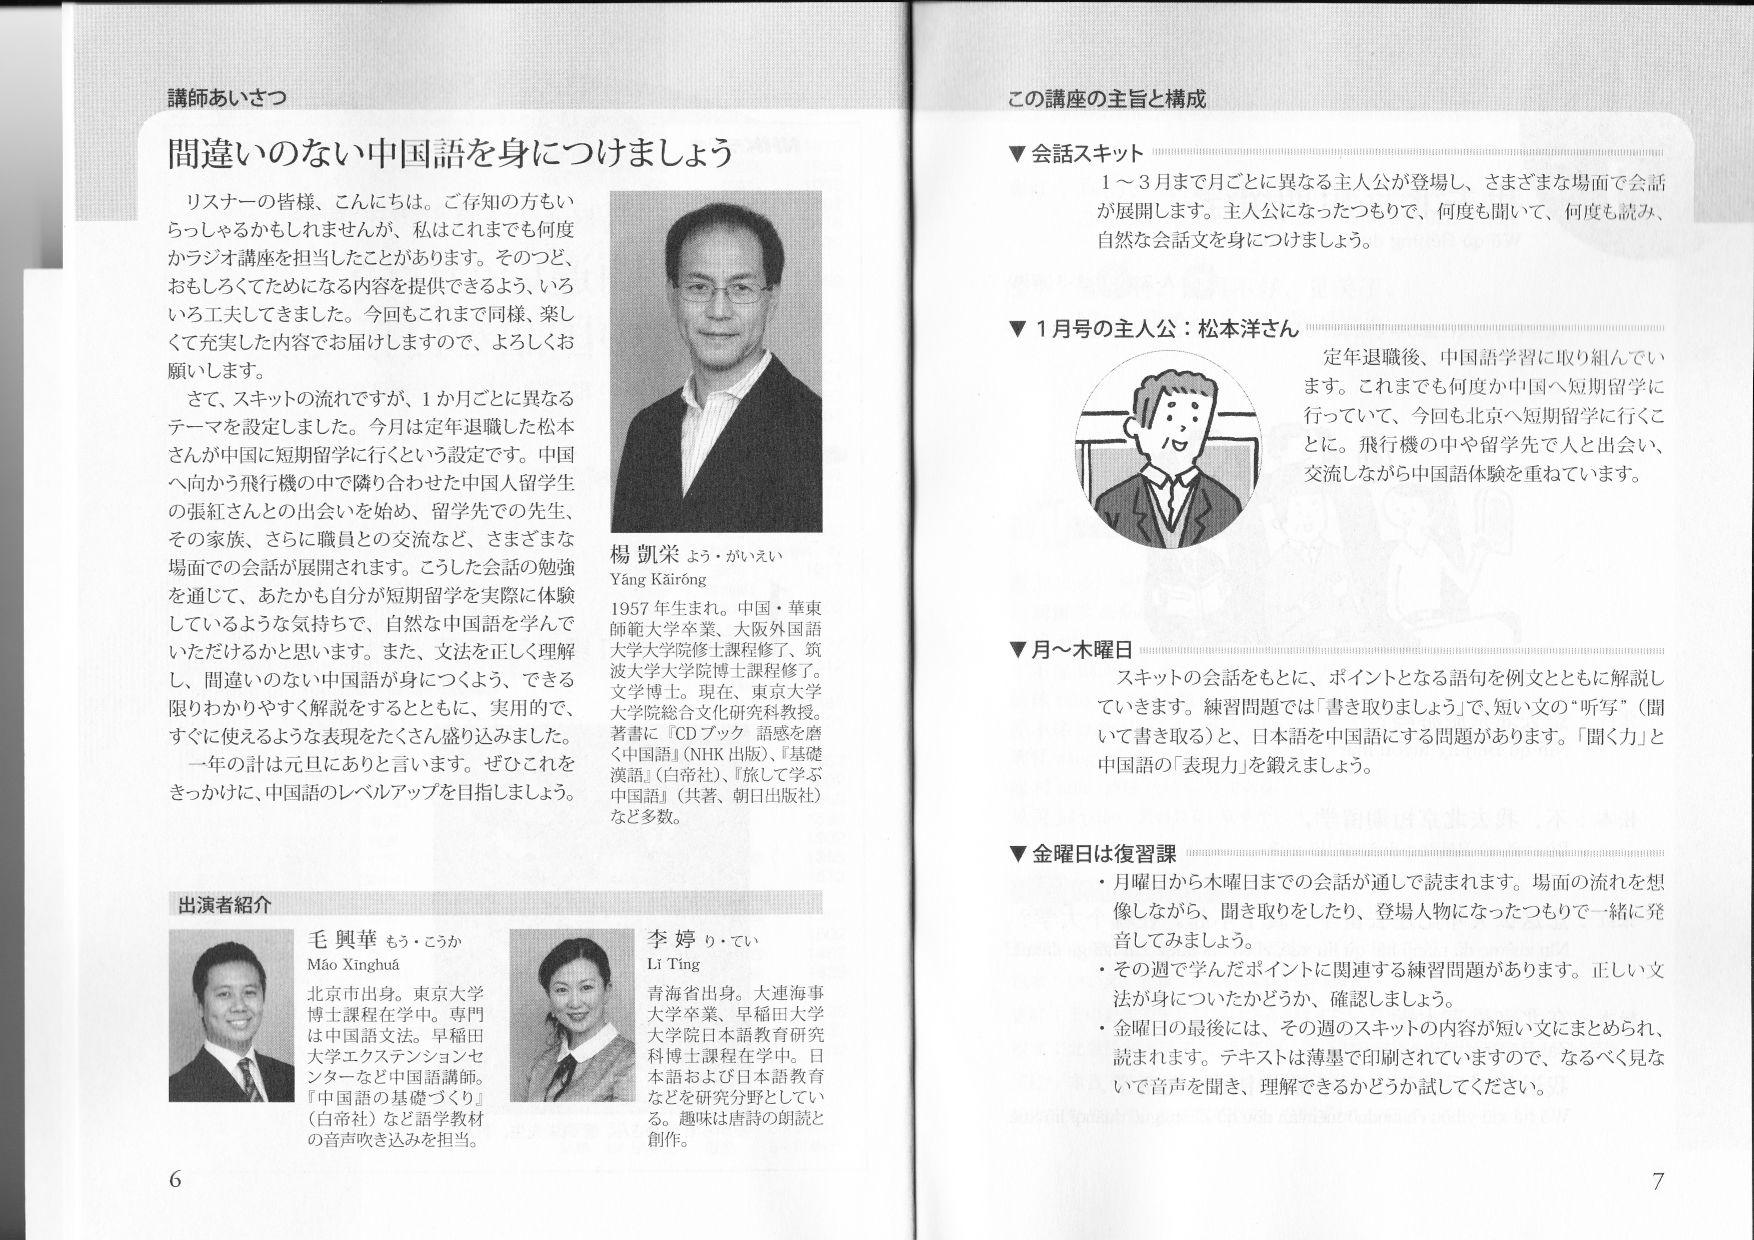 15-1月期のレベルアップ中国語は中位の喜び (14年12月21日)_c0059093_14285449.jpg